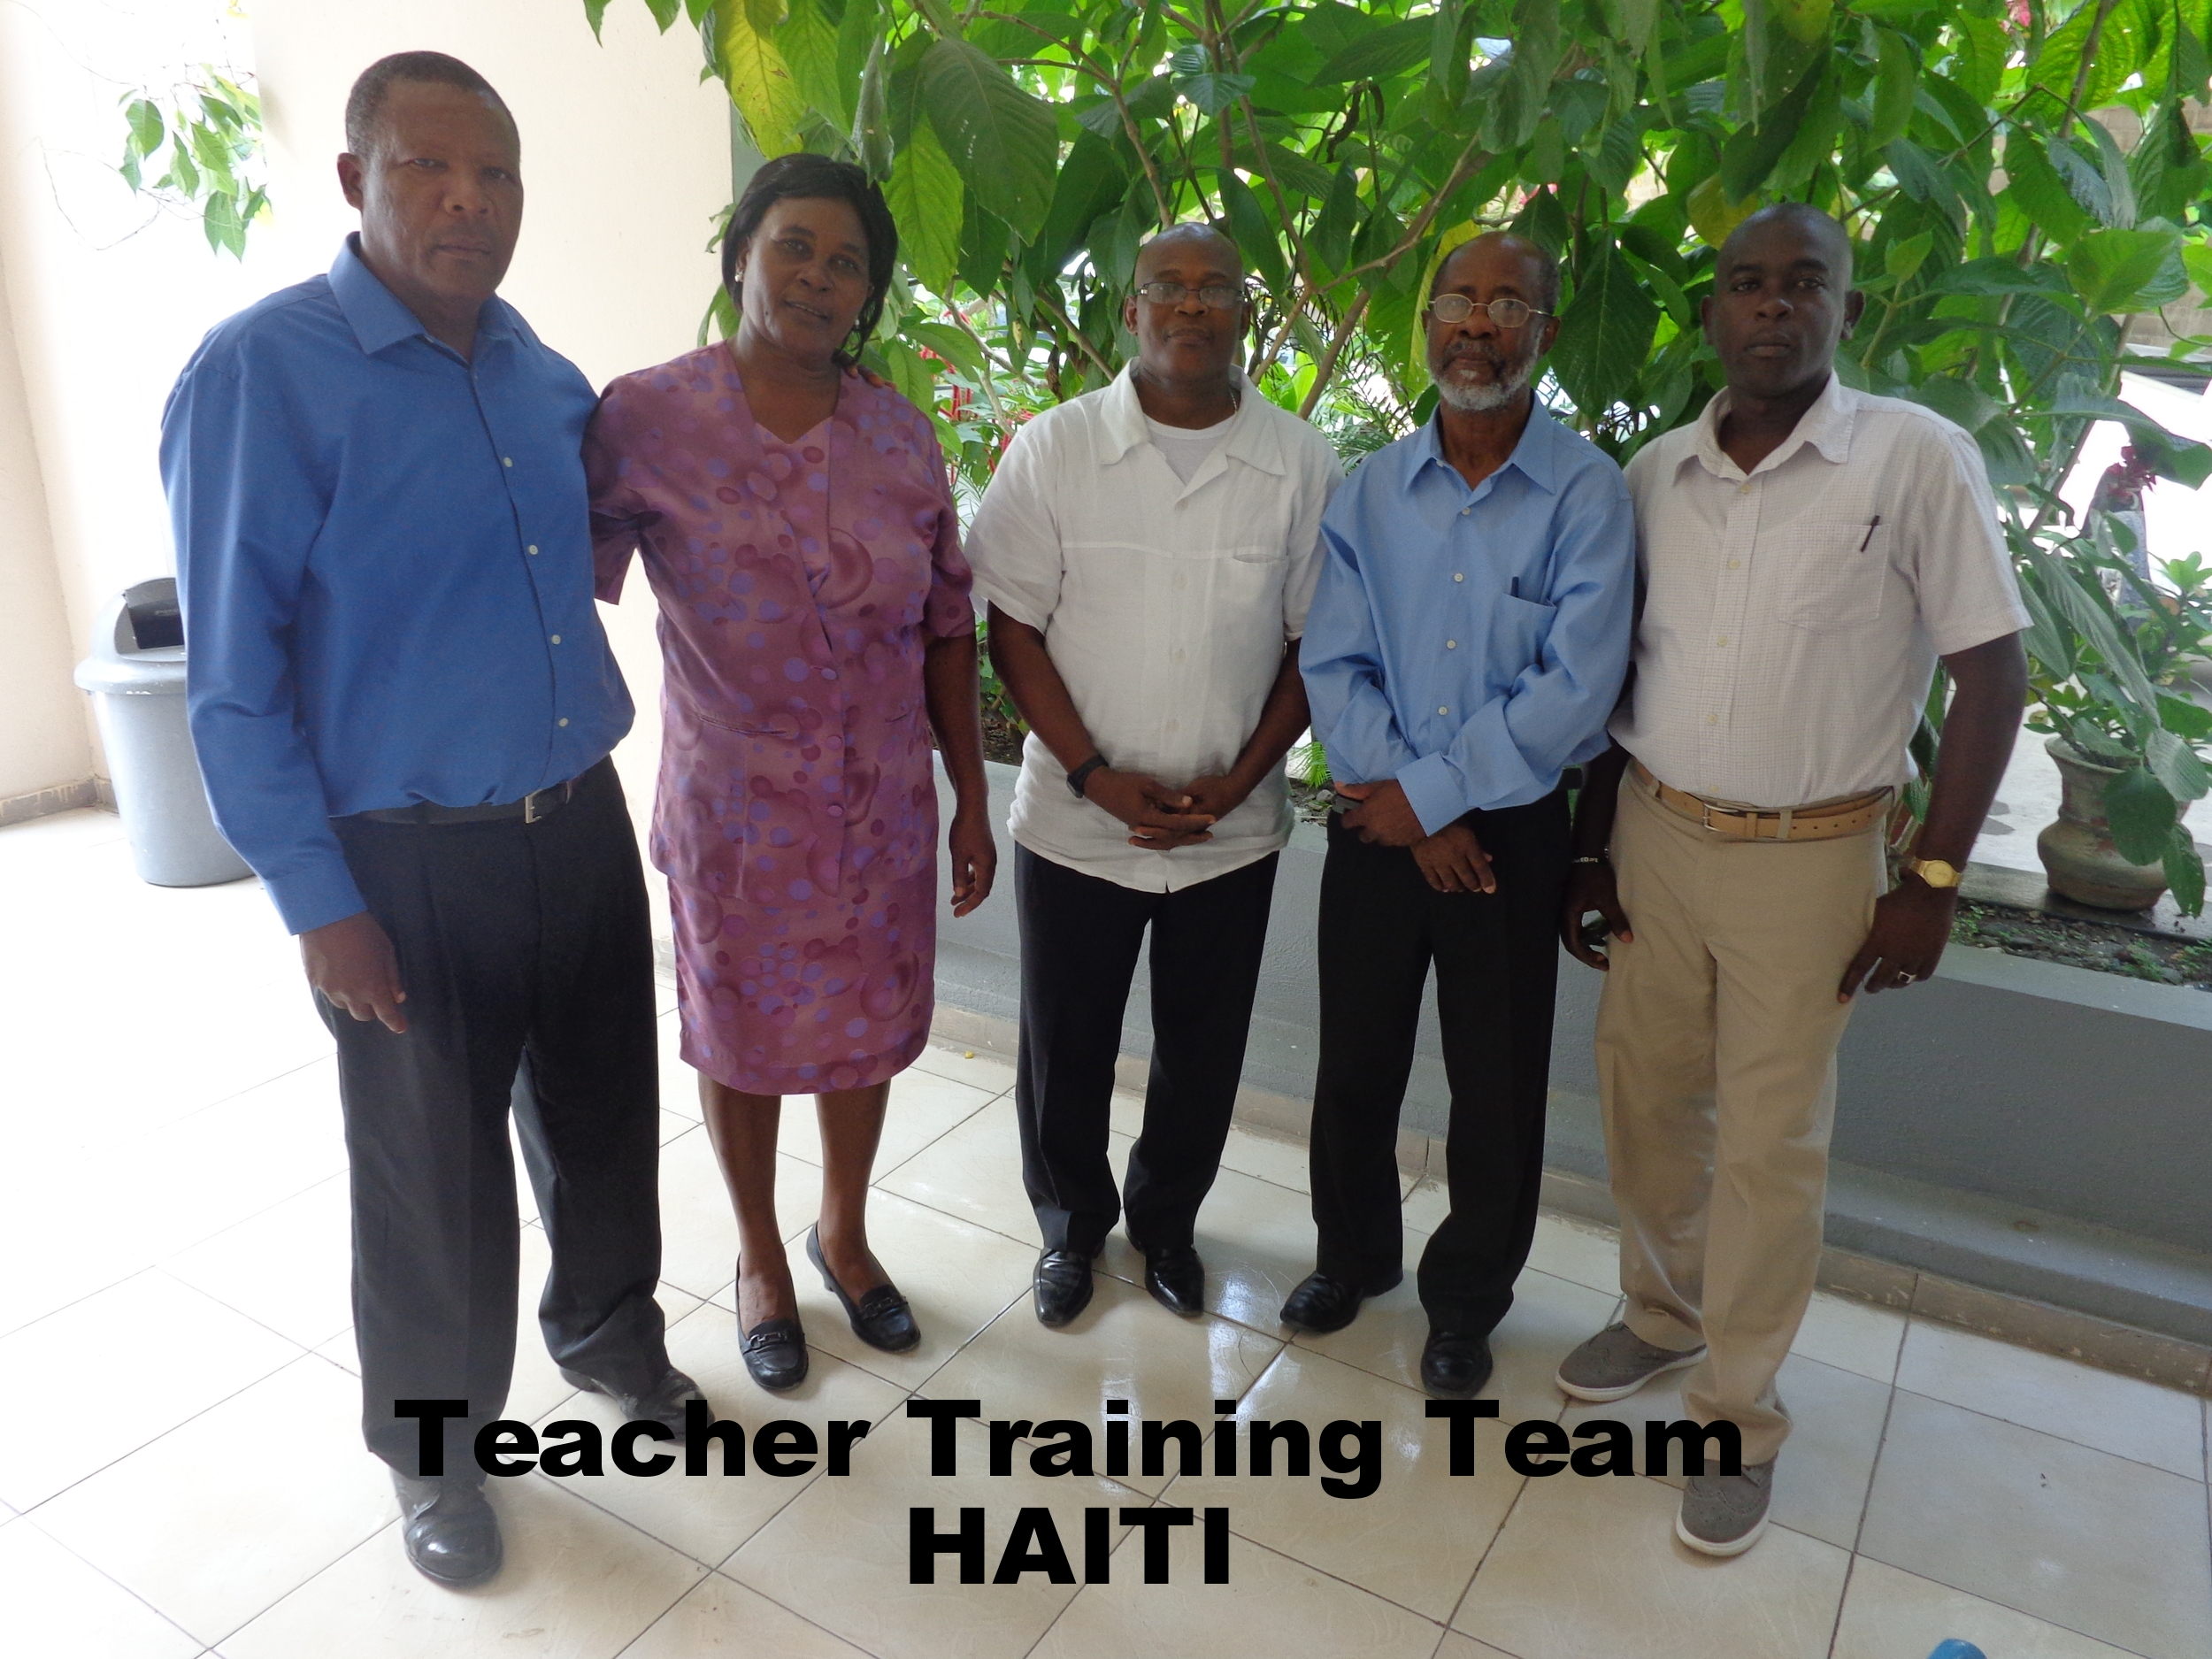 Haiti Fatithful House Leaders.JPG